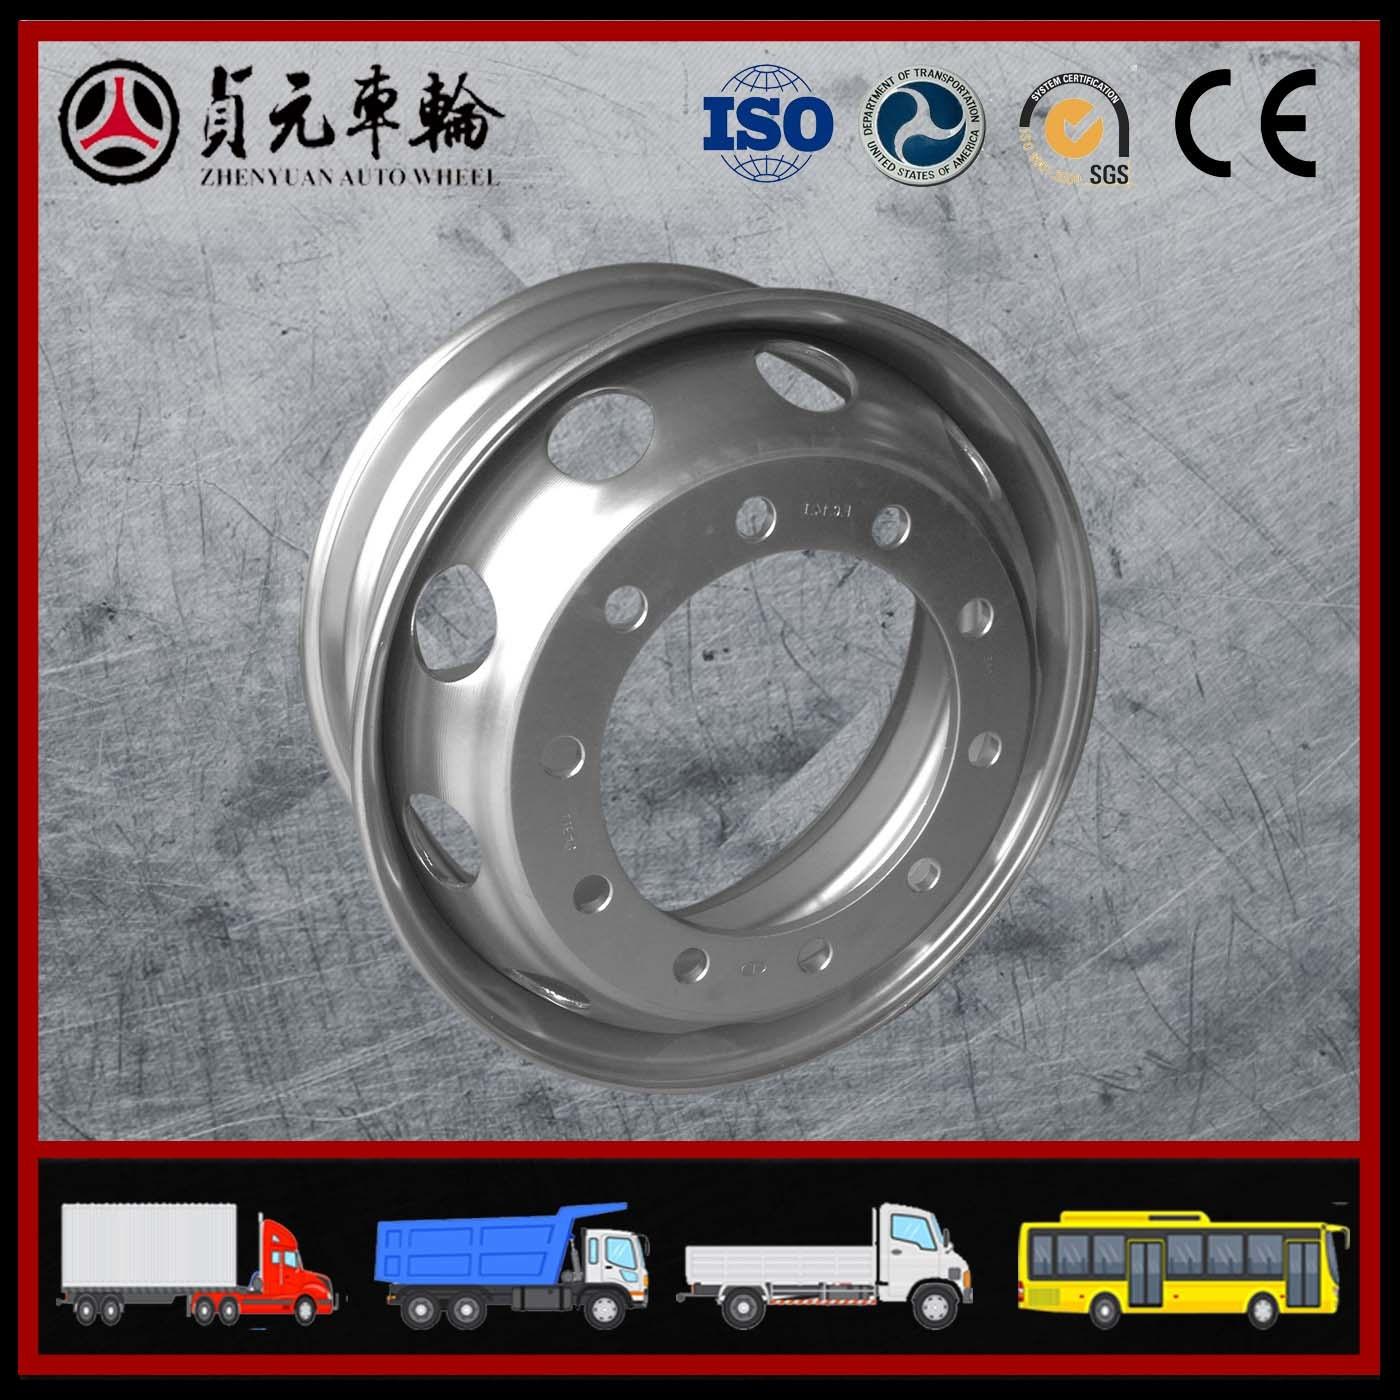 Shandong Zhenyuan Auto Wheel Wheel Rim (19.5*6.75)